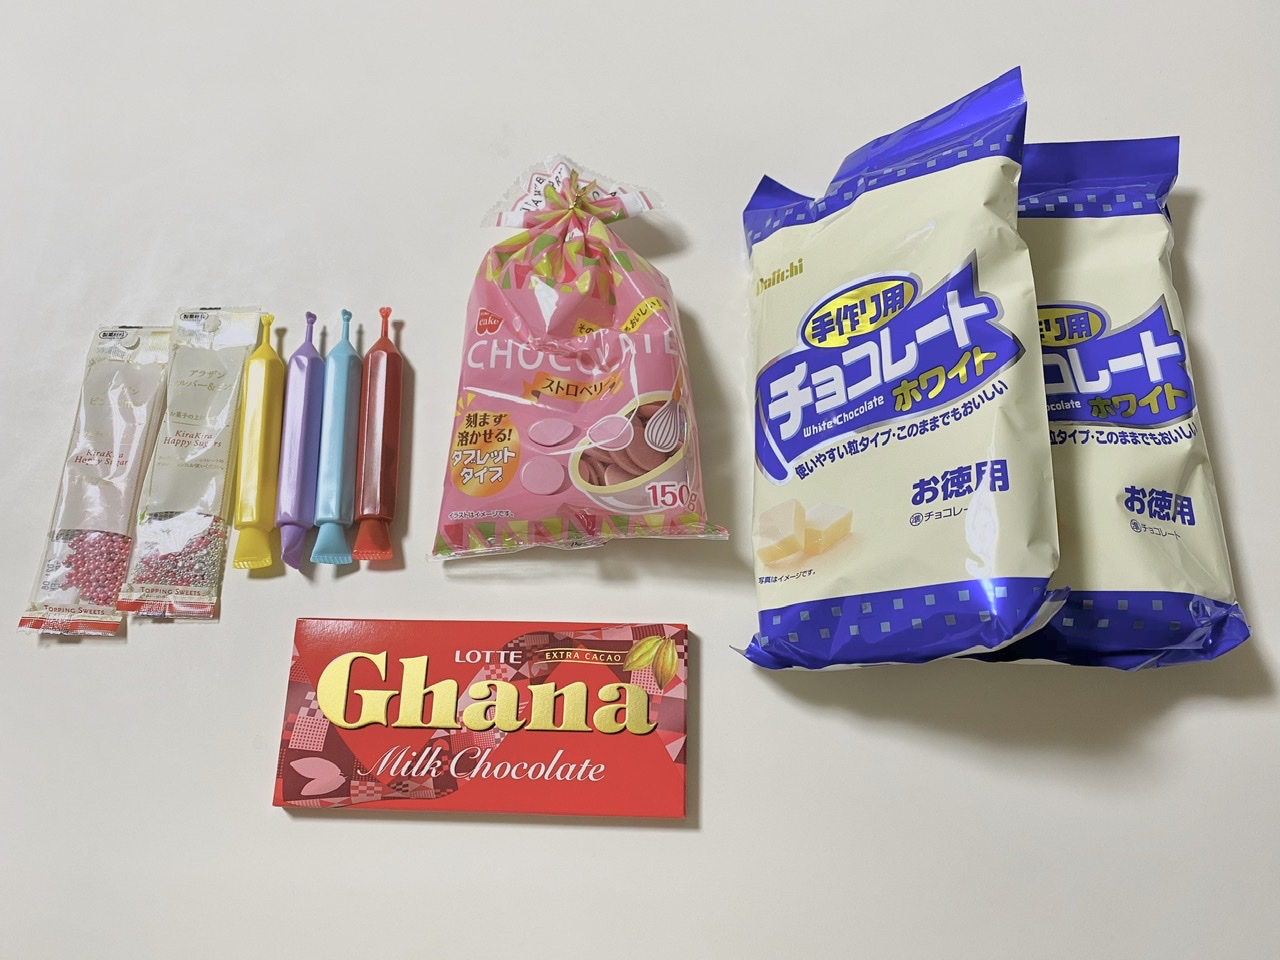 バレンタインに手作りチョコ♡ディズニーシーで購入したシリコンモールドが可愛すぎる!_2